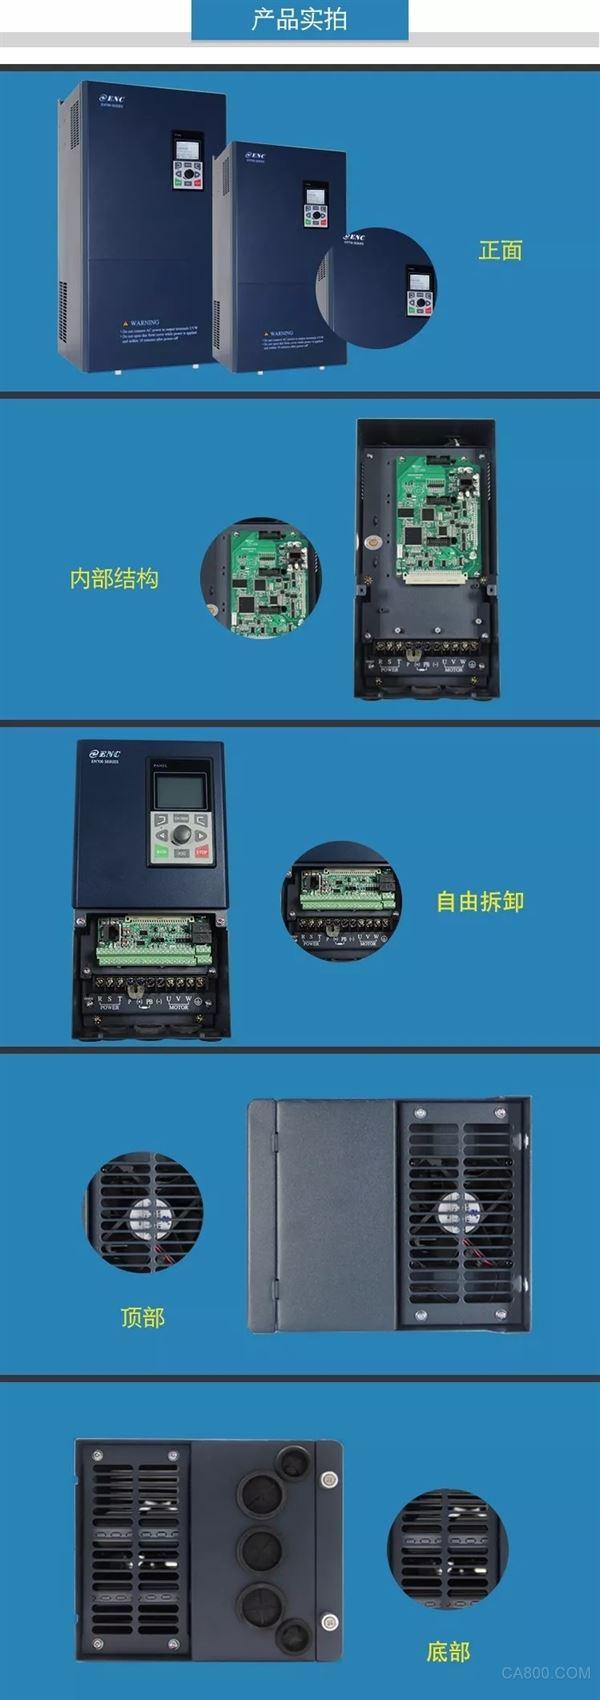 易能电气,智能型变频器,磁通矢量控制